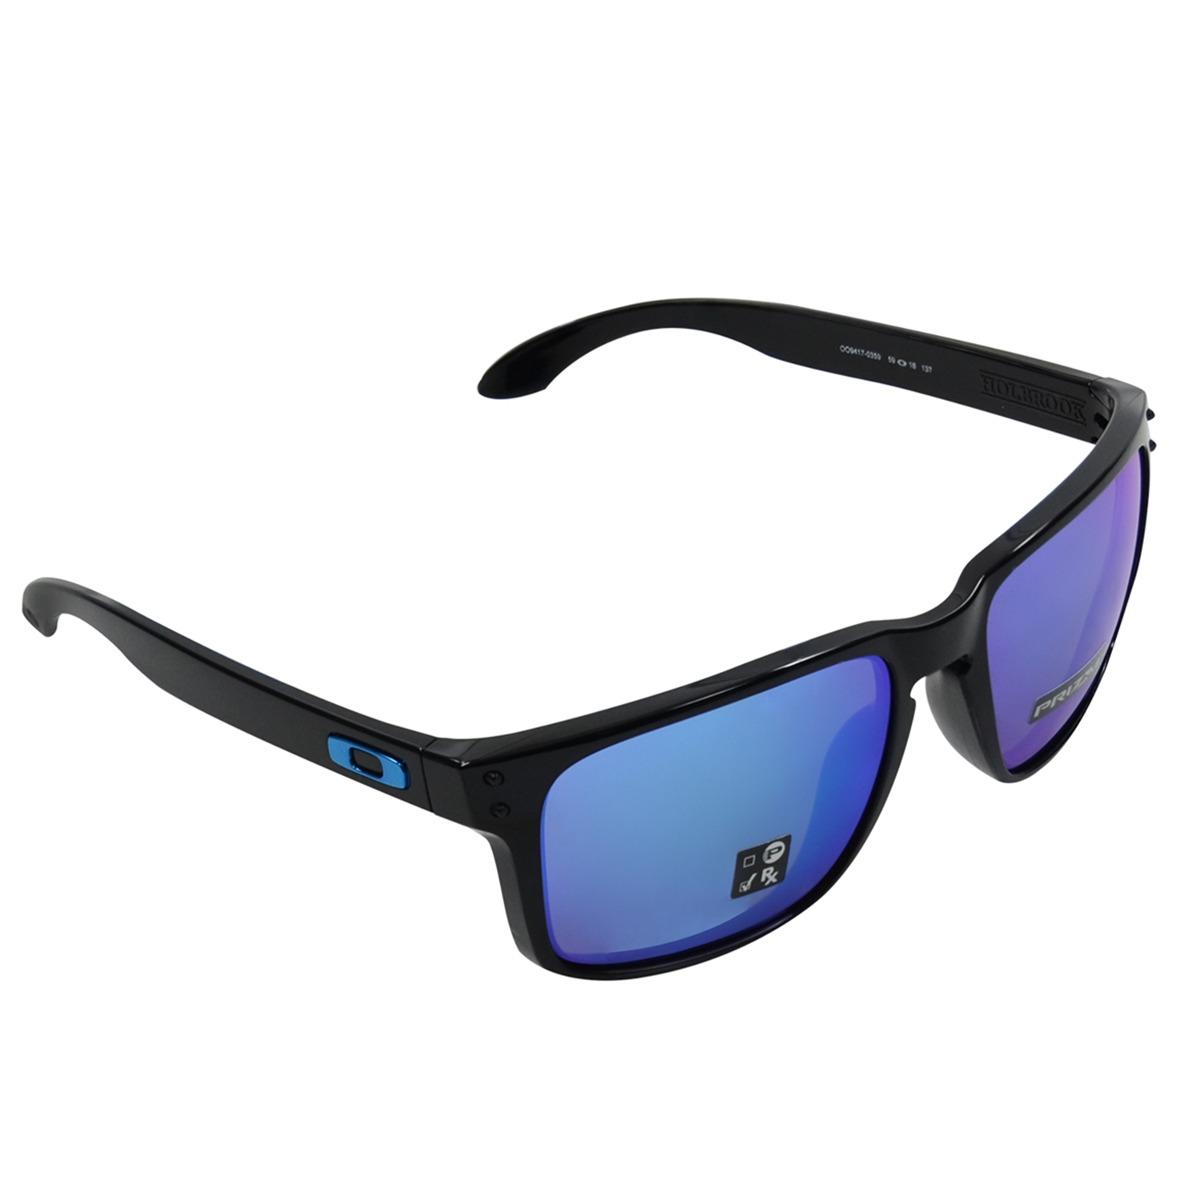 86c2a4b6c20df óculos oakley holbrook iridium safira. Carregando zoom.